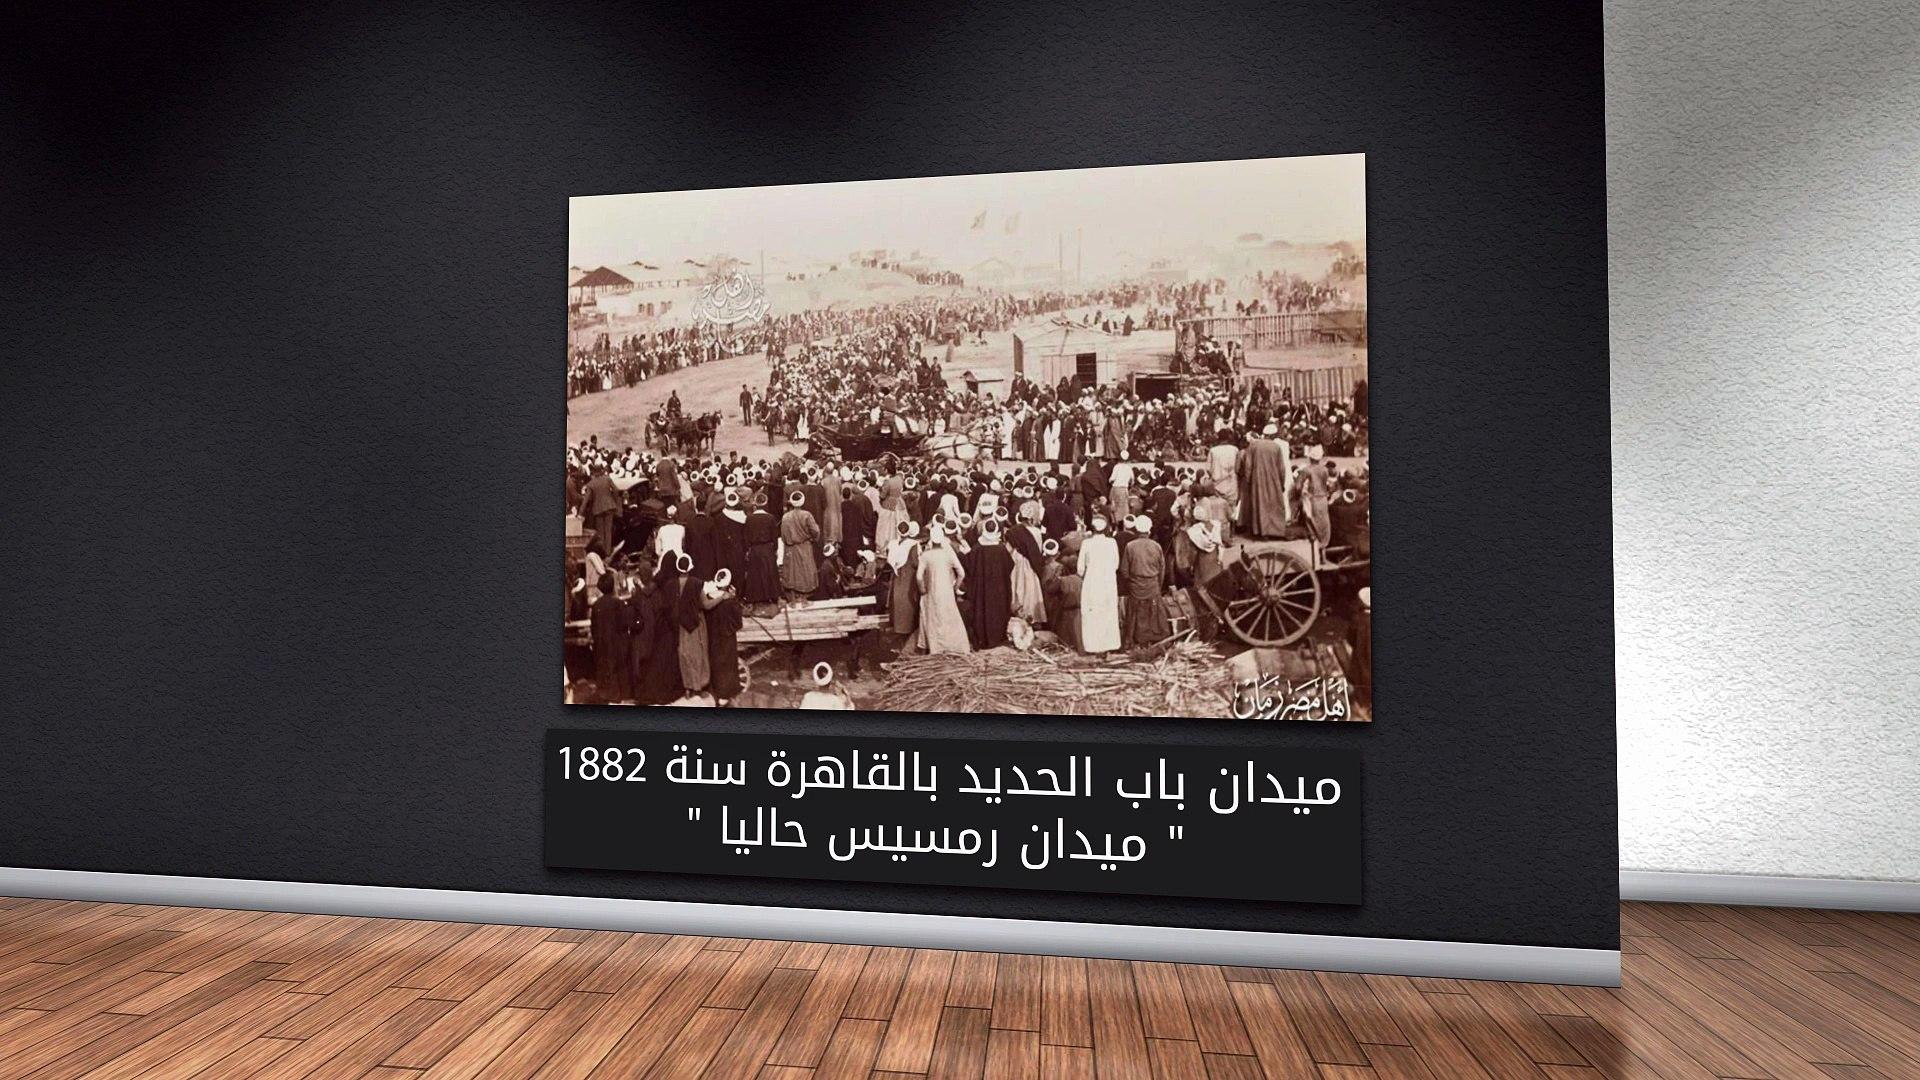 مصر فى صور.. تعرف على ميادين مصر زمان